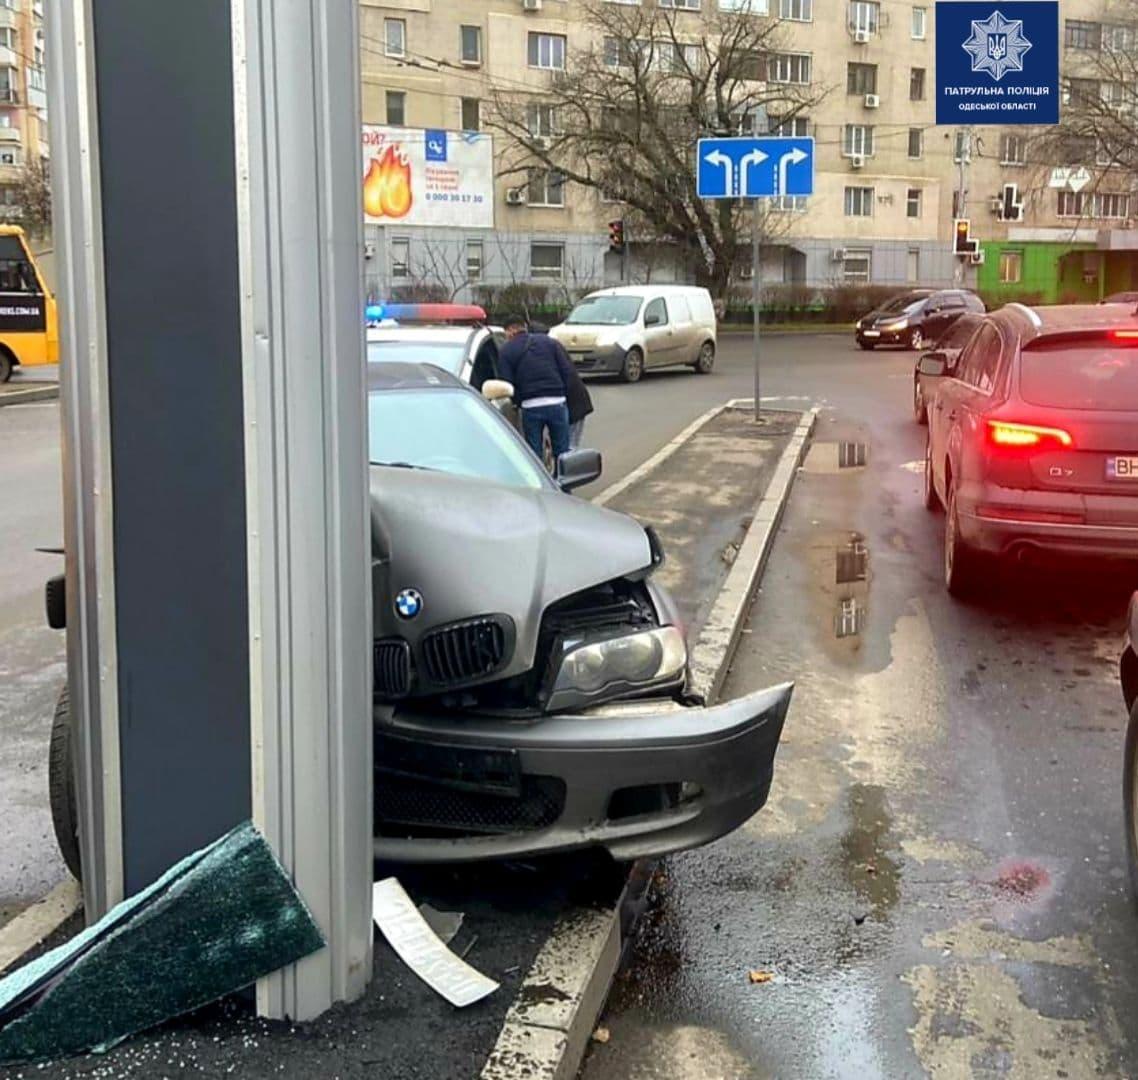 ДТП на Святослава Рихтера. Фото: Патрульная полиция